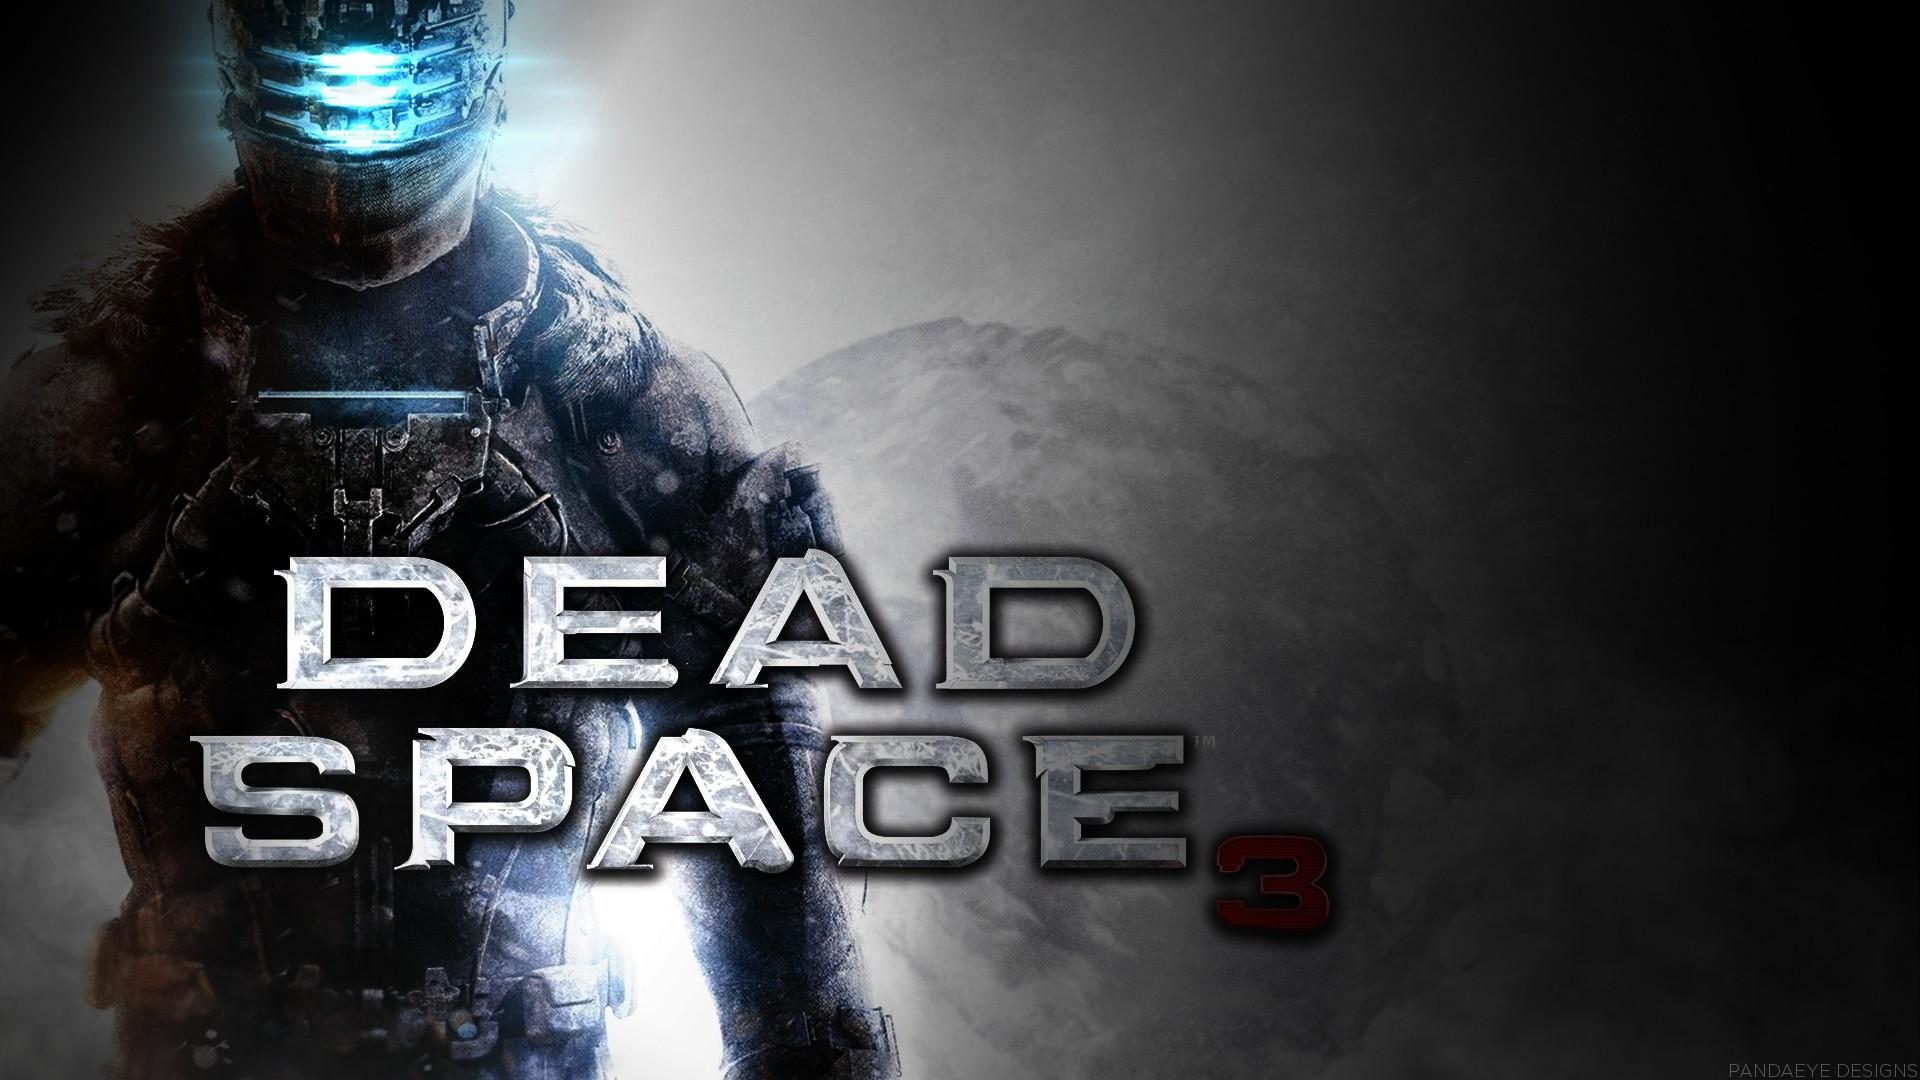 Dead space hd wallpaper wallpapersafari - Dead space 3 wallpaper 1080p ...